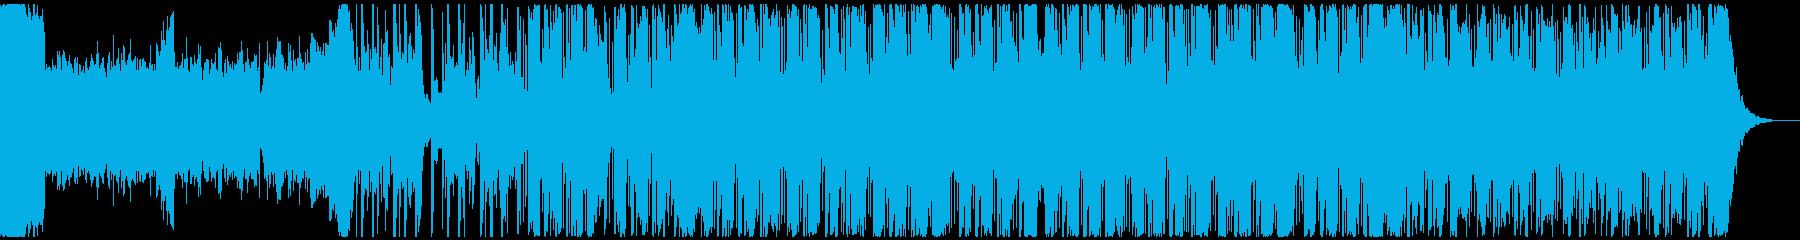 ダークなヒップホップ系BGMの再生済みの波形